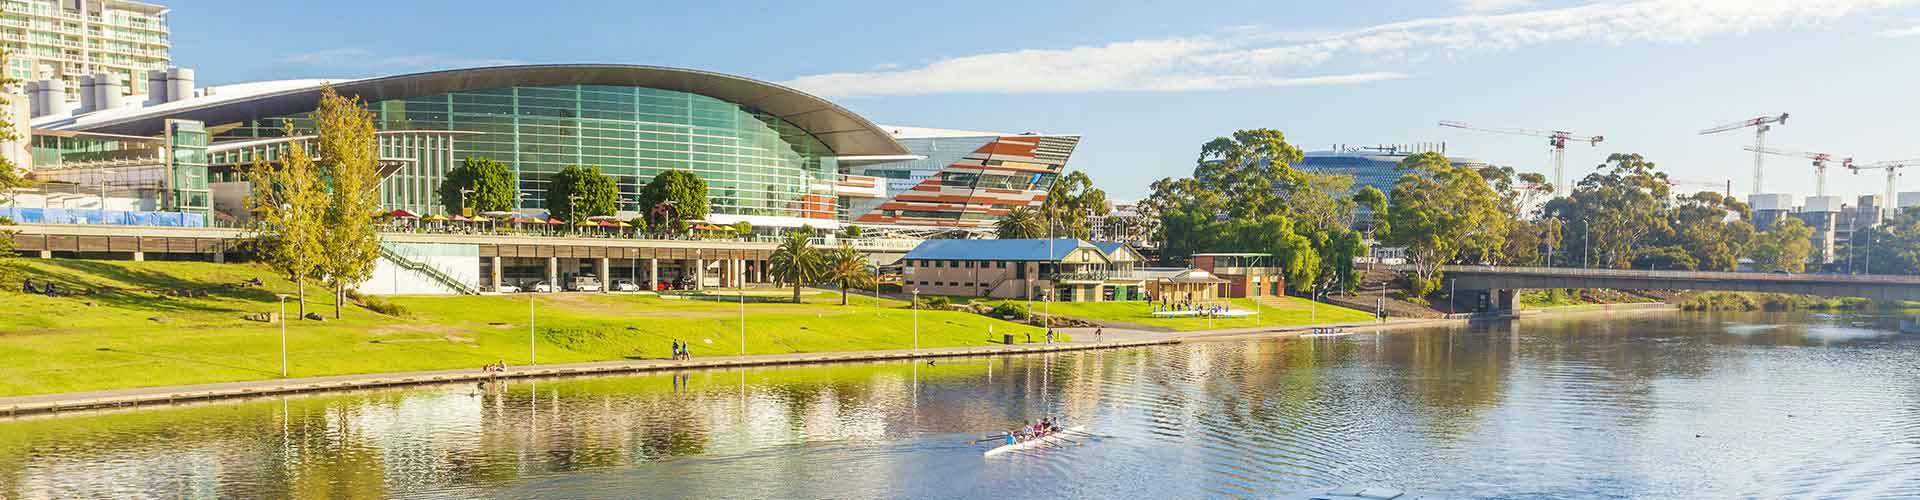 Adelaide - Hotels in Nord  Terrace. Adelaide auf der Karte. Fotos und Bewertungen für jedes Hotel in Adelaide.